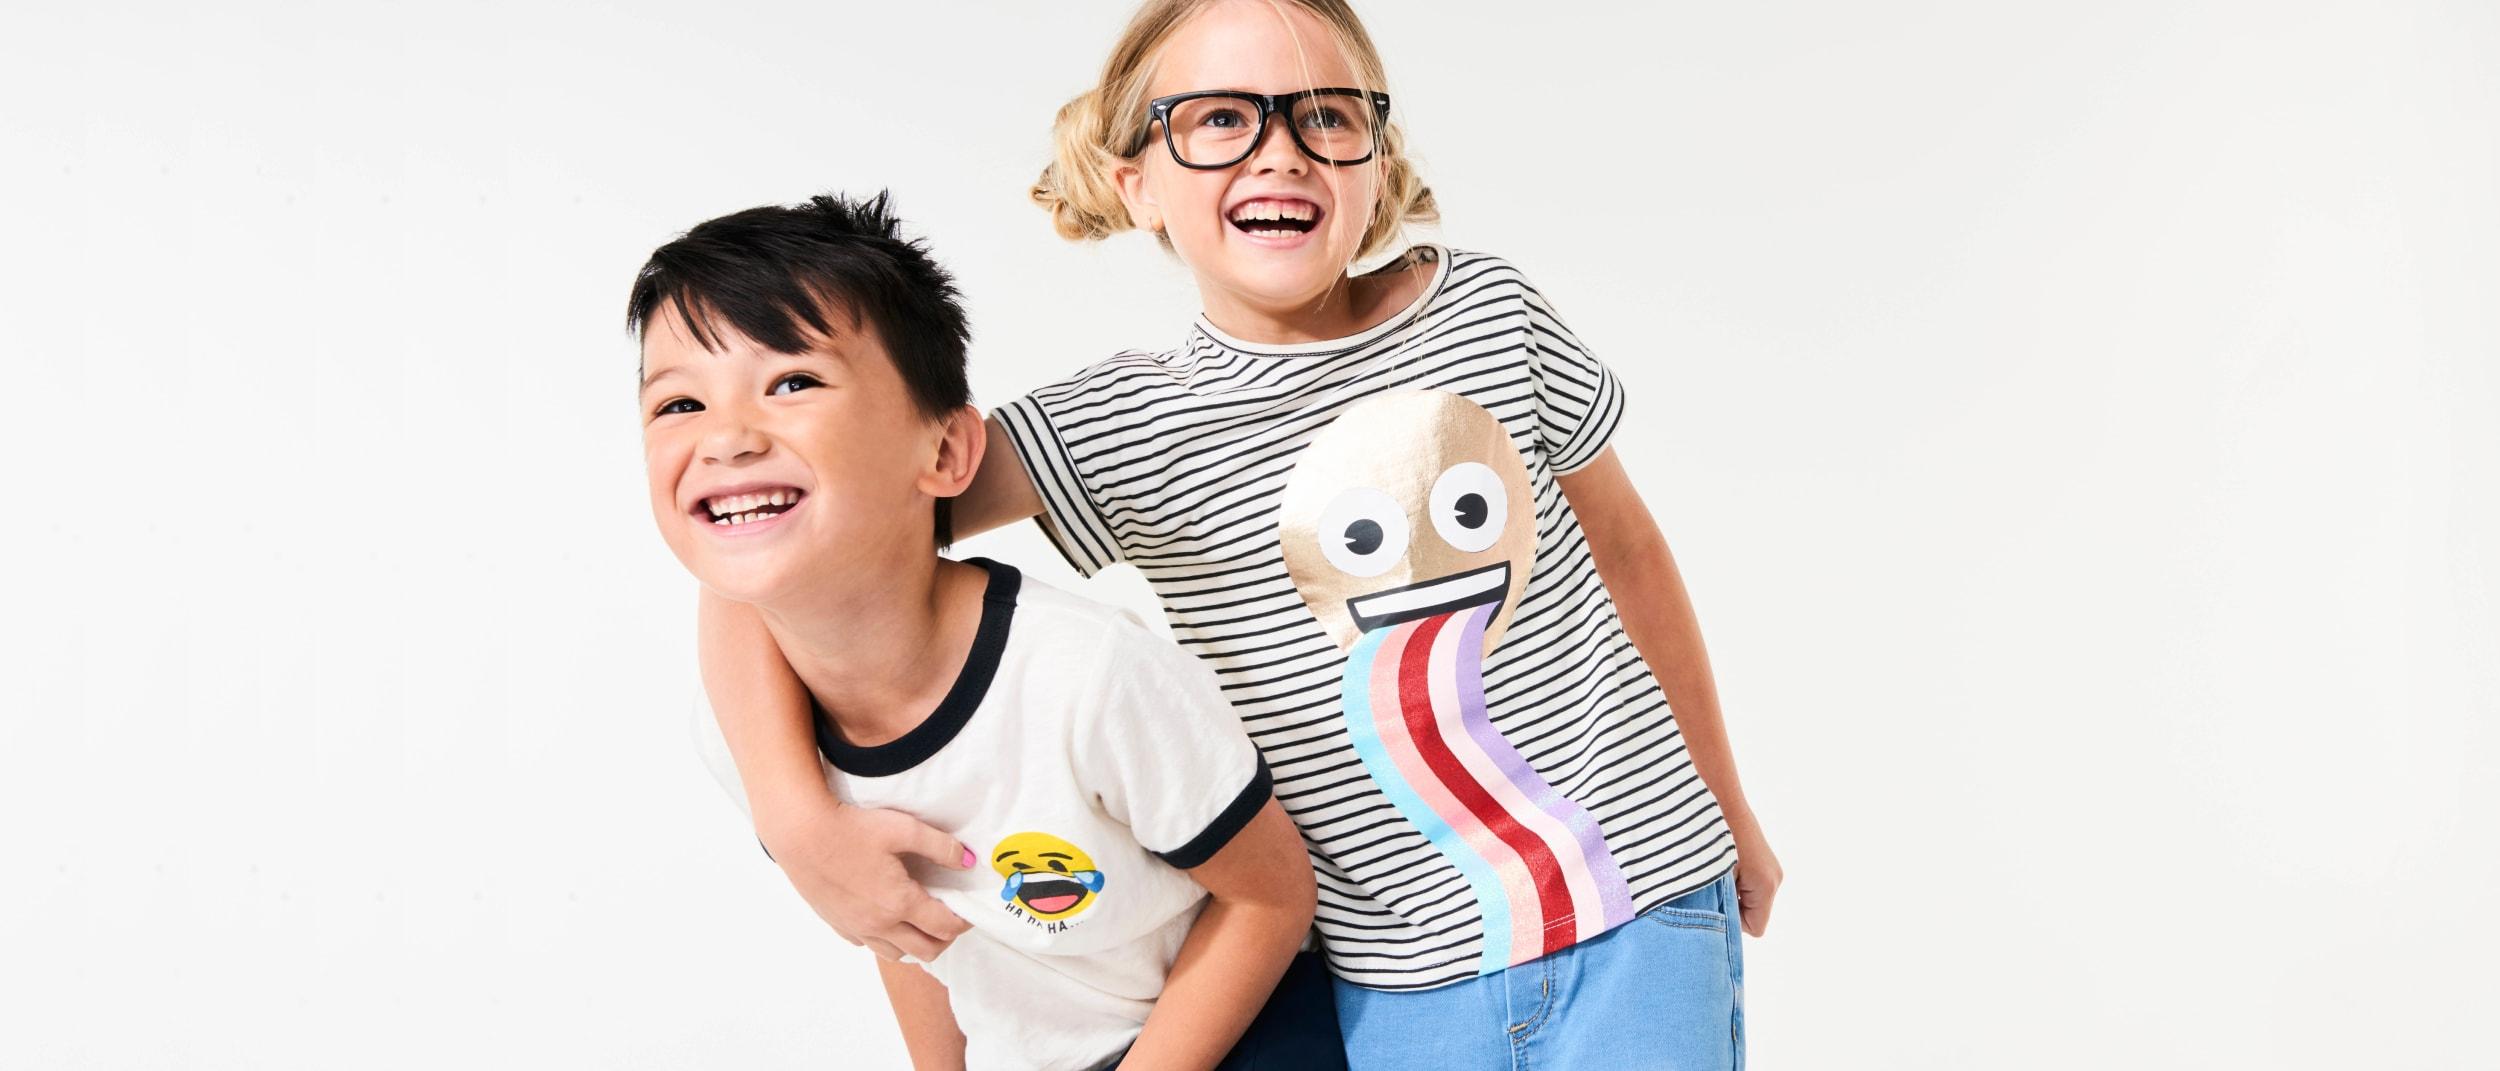 $15 Emoji tees at Cotton On Kids